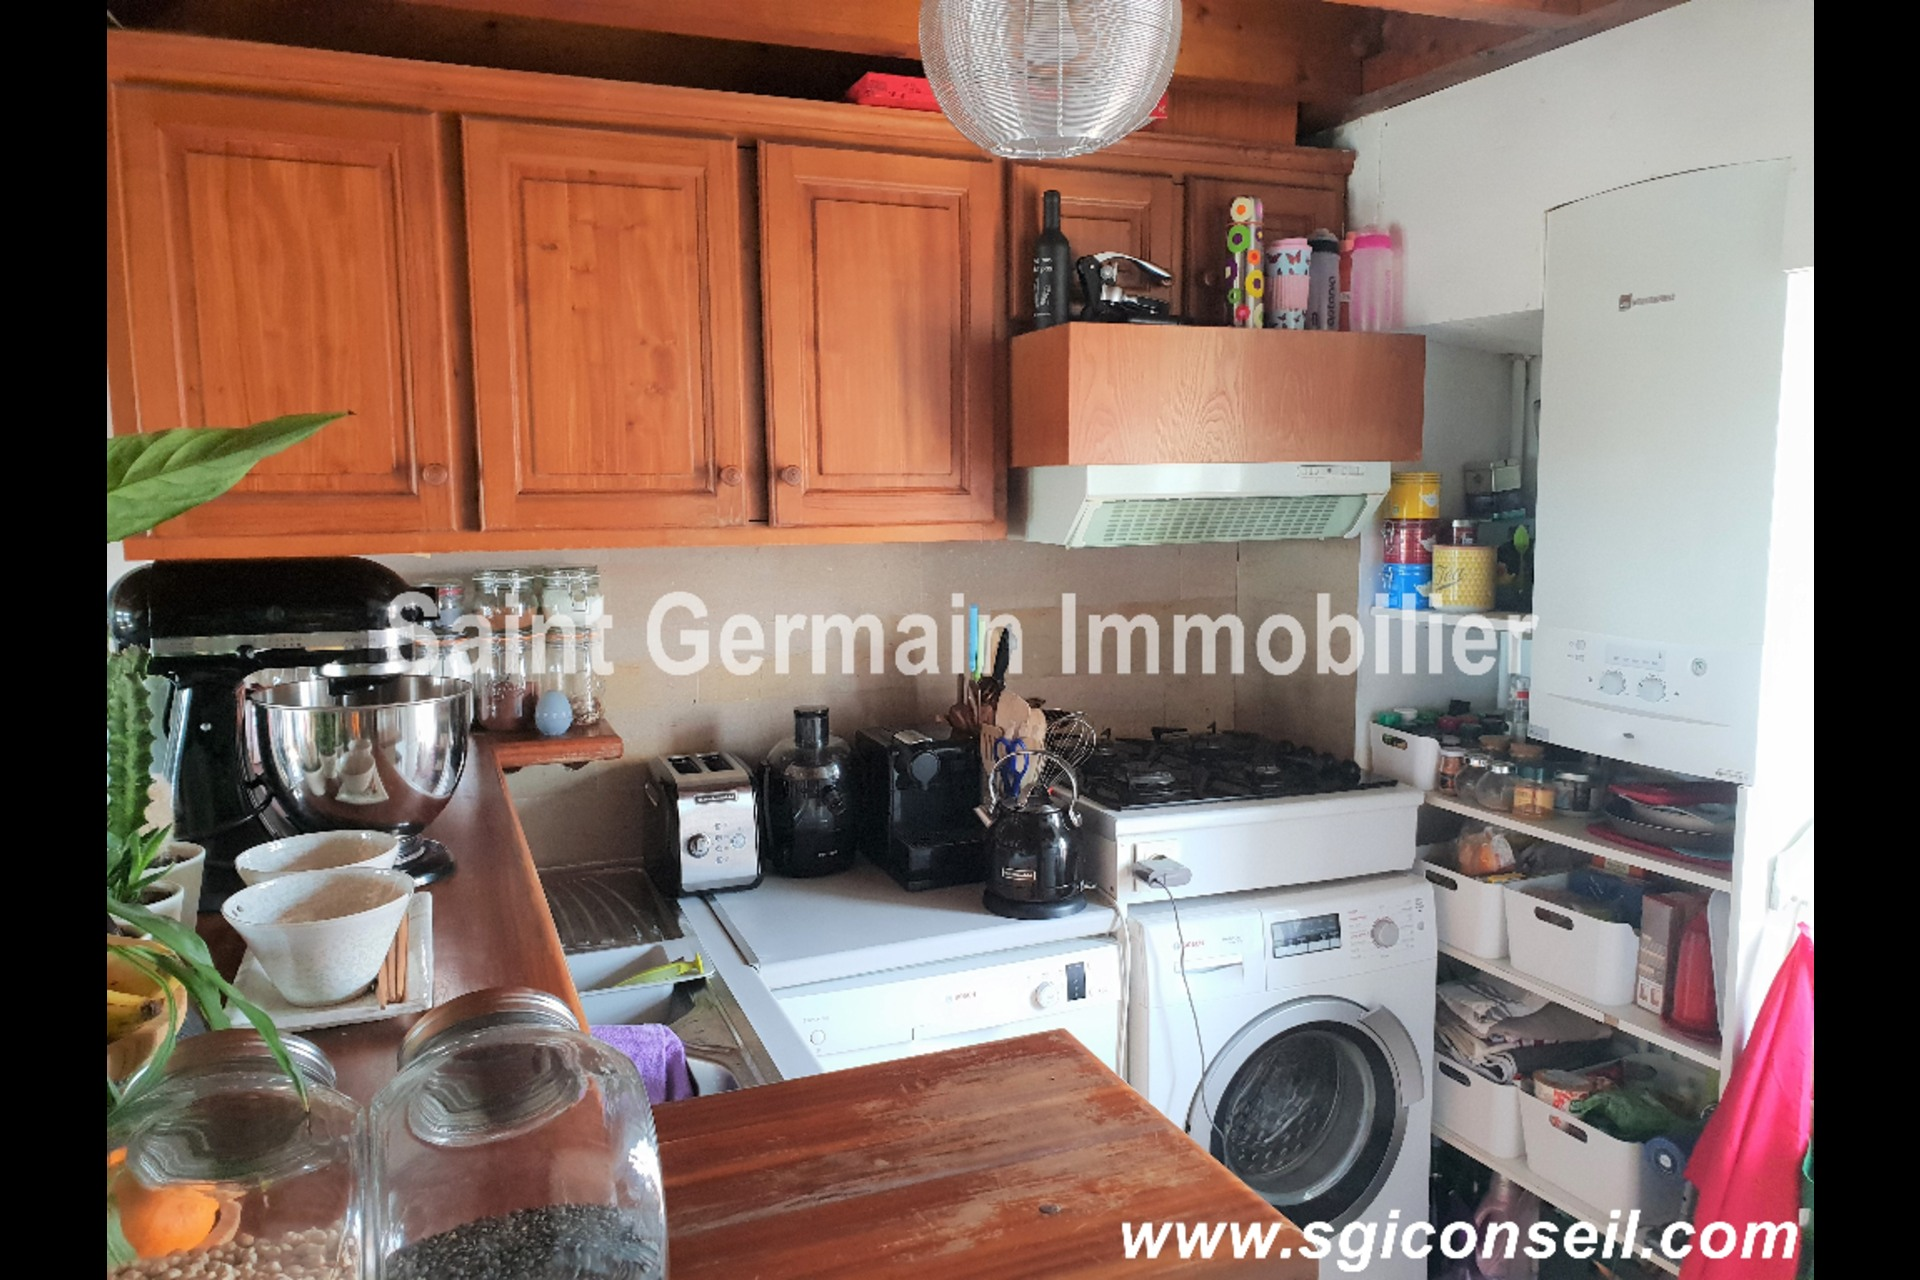 image 3 - Appartement À louer saint germain en laye - 2 pièces